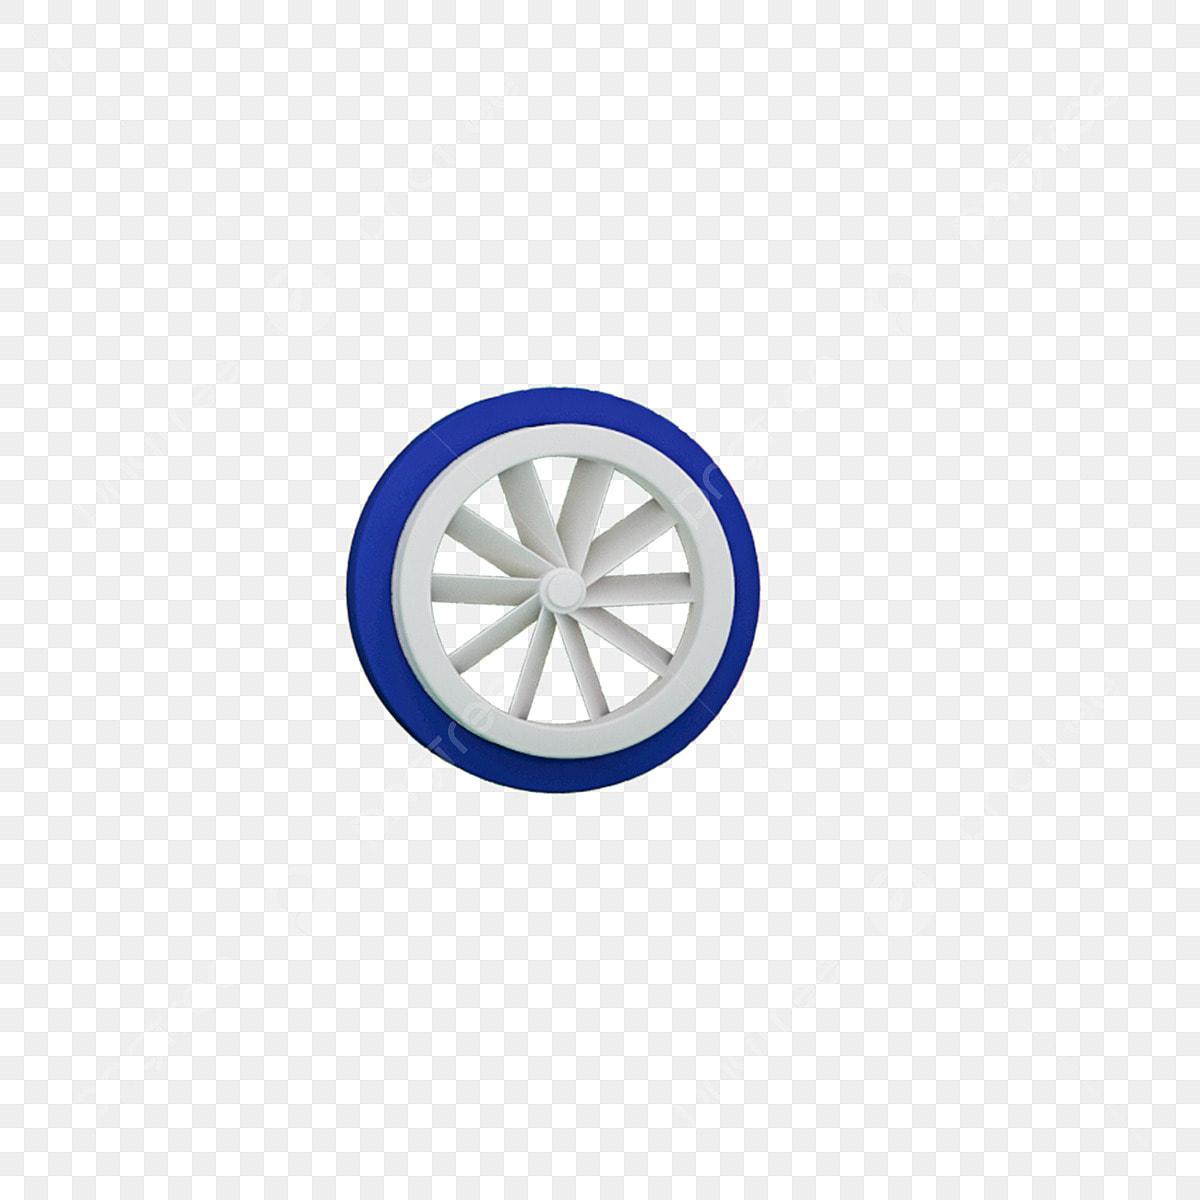 Gambar Ban Mobil Png Vektor Psd Dan Clipart Dengan Latar Belakang Transparan Untuk Download Gratis Pngtree